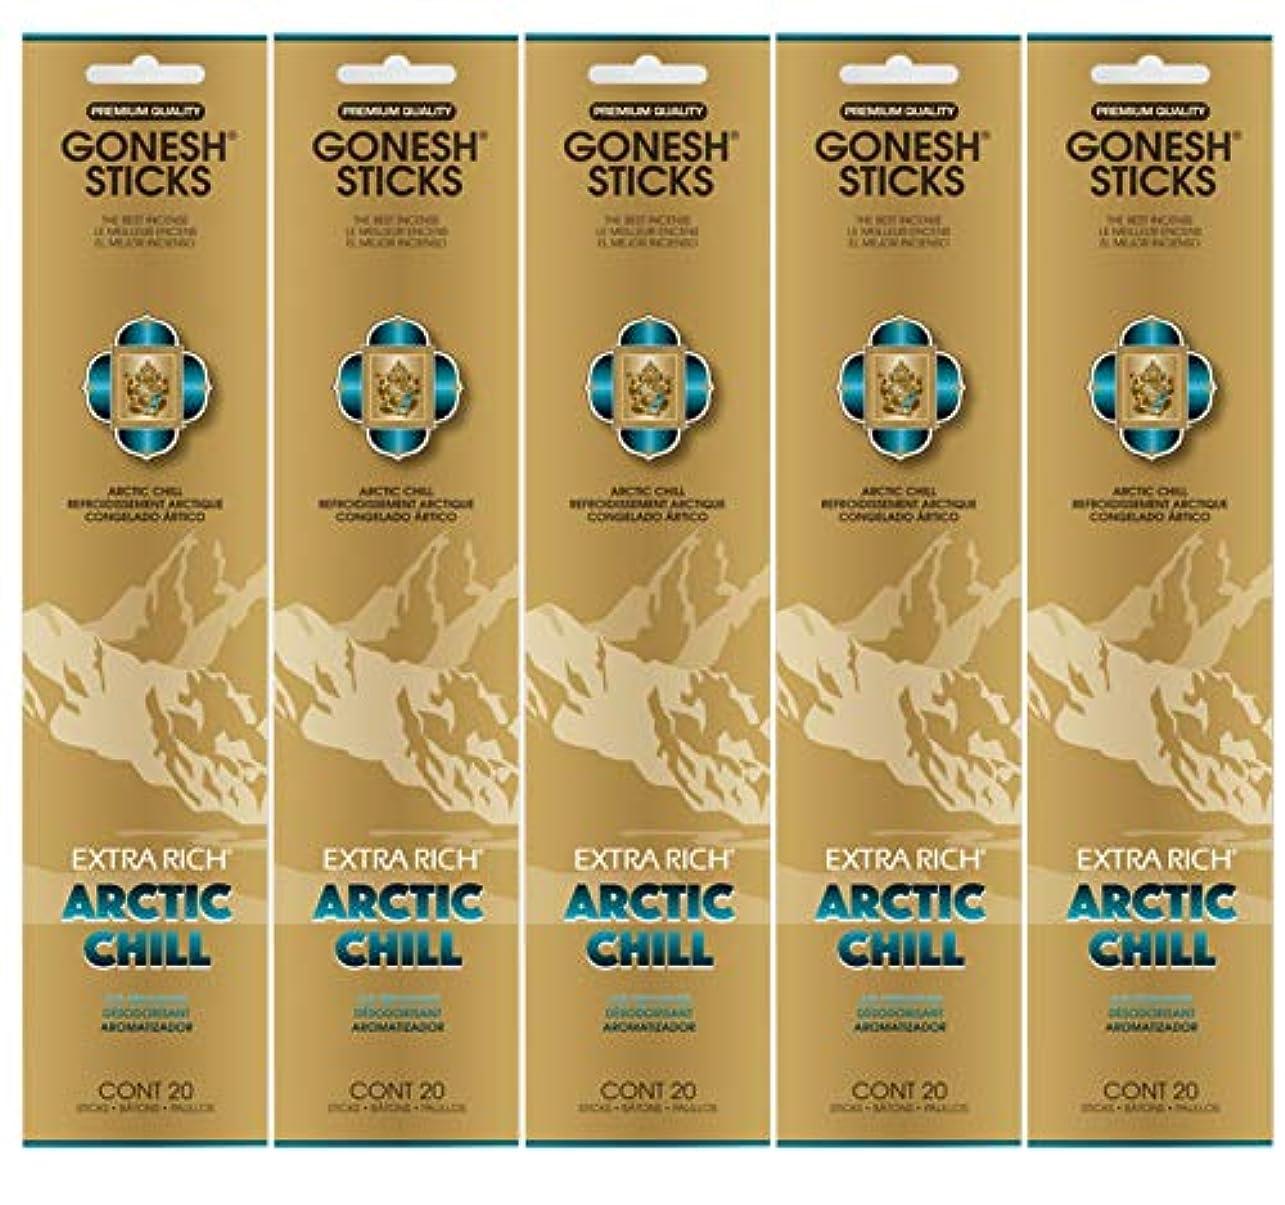 医薬品を必要としています低下Gonesh お香スティック エクストラリッチコレクション - Arctic Chill 5パック (合計100本)